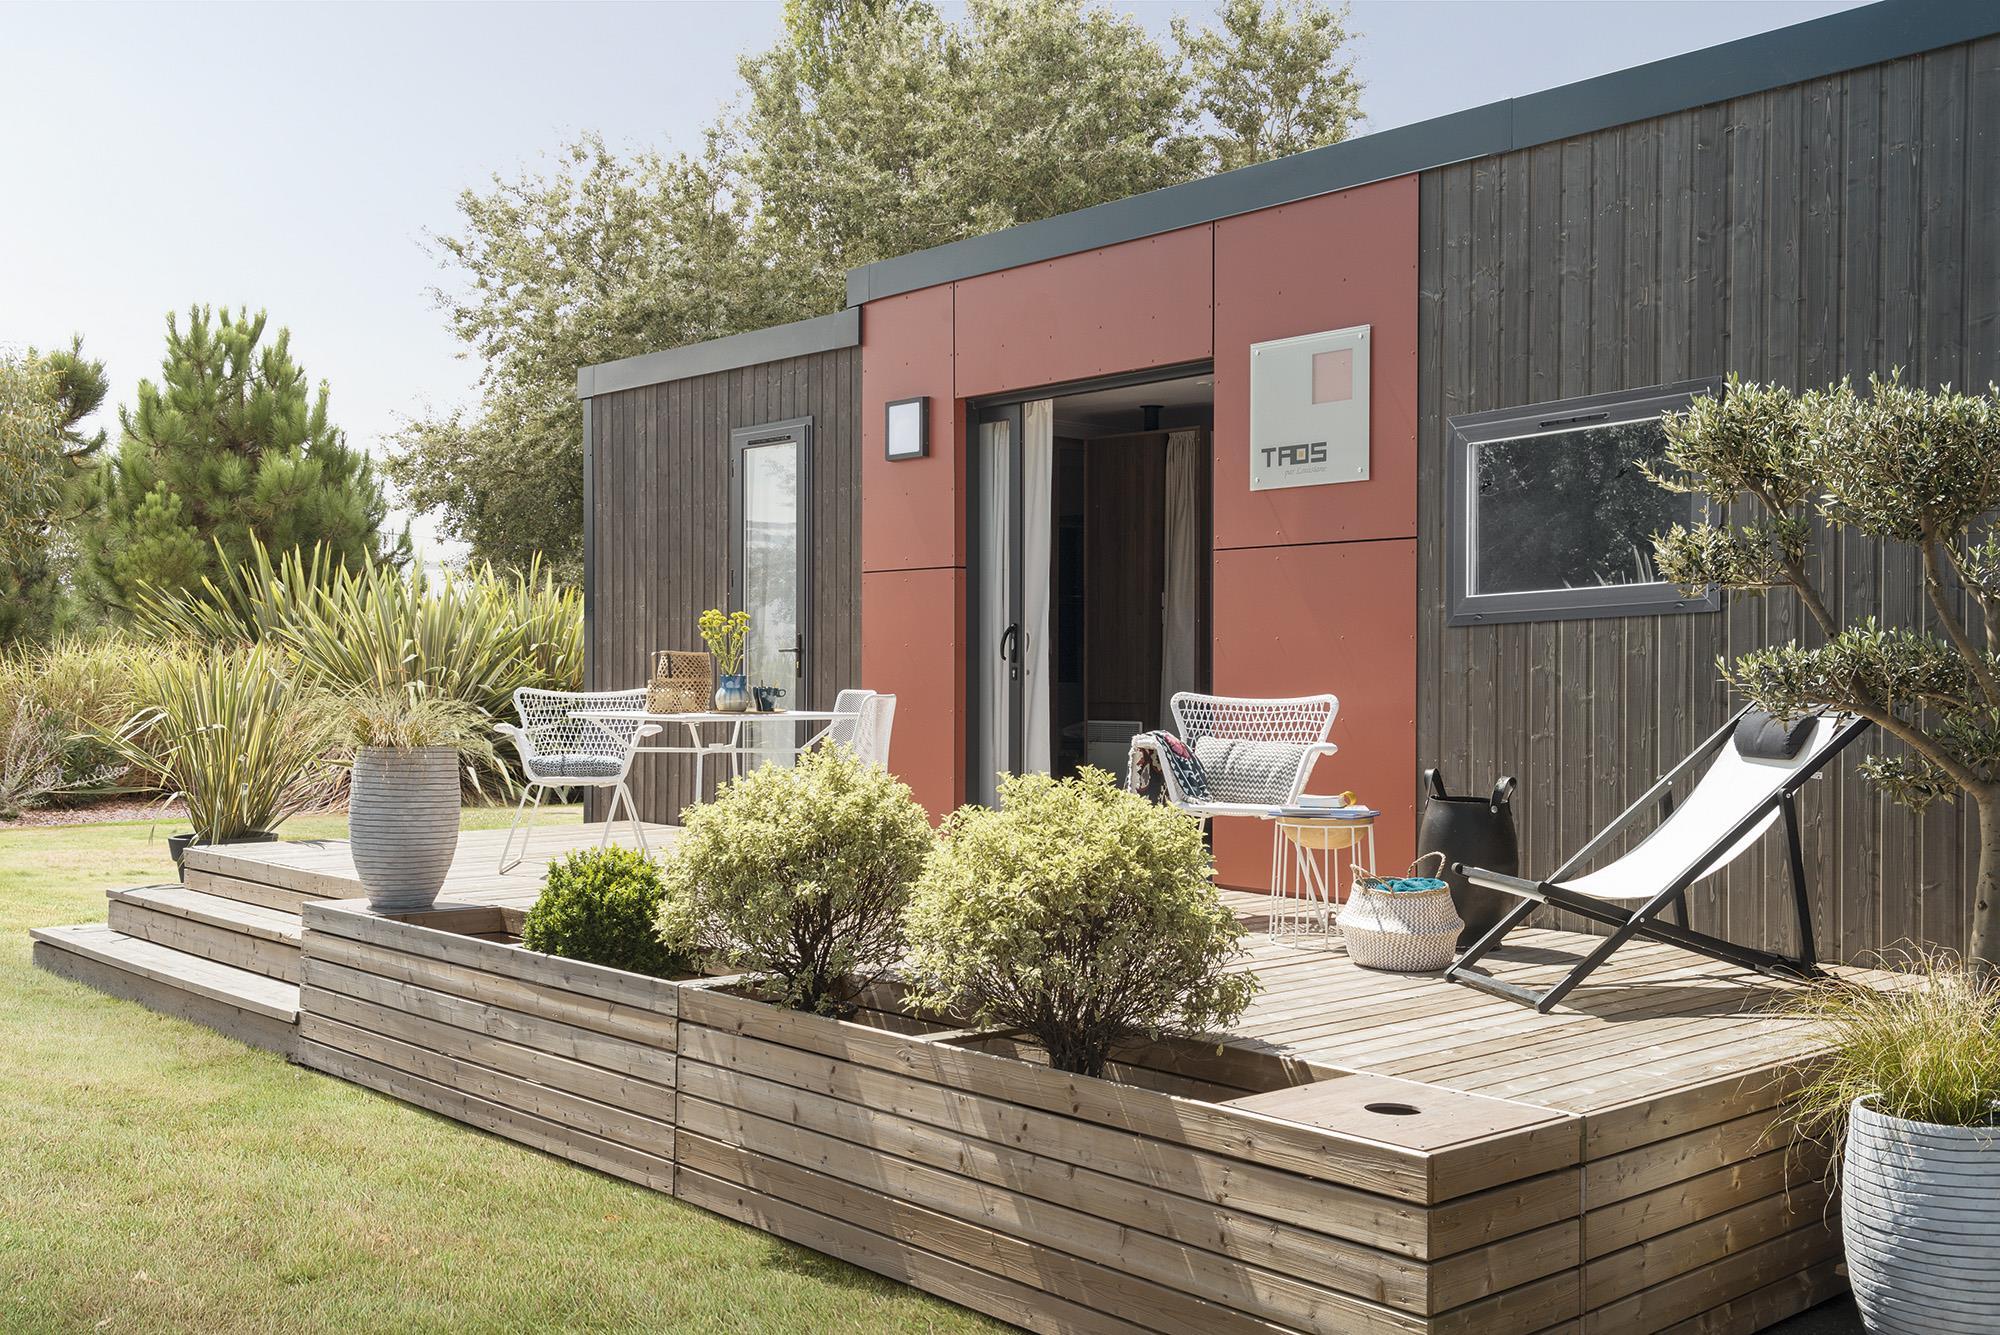 Location - S-Cottage Privilège Taos 5 Avel Vor Avec Pergola Bioclimatique - Camping Les Embruns